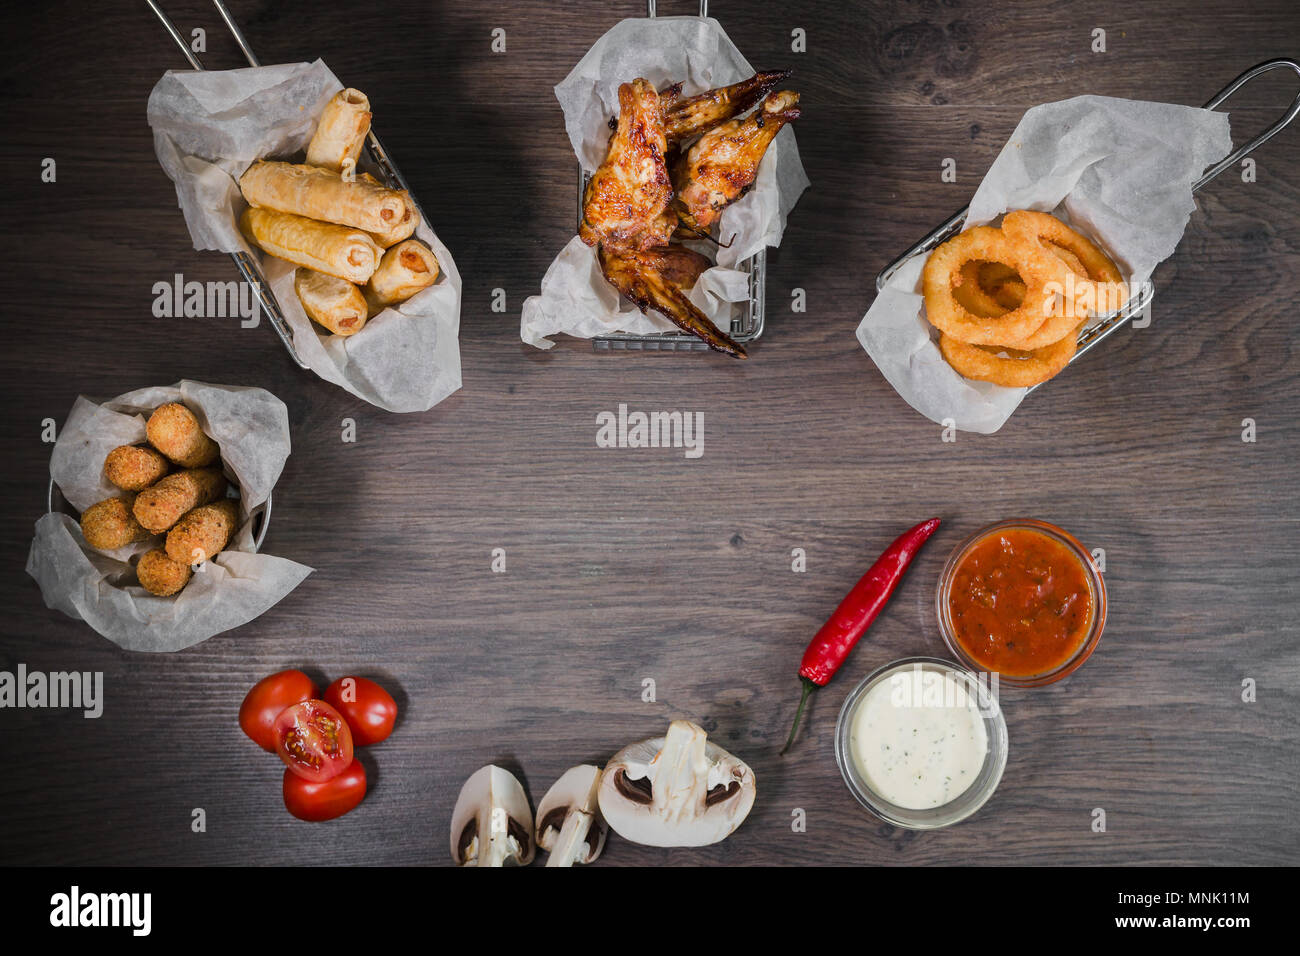 Snack de cerveza en forma de anillos y queso nuggets de pollo frito de piernas Imagen De Stock